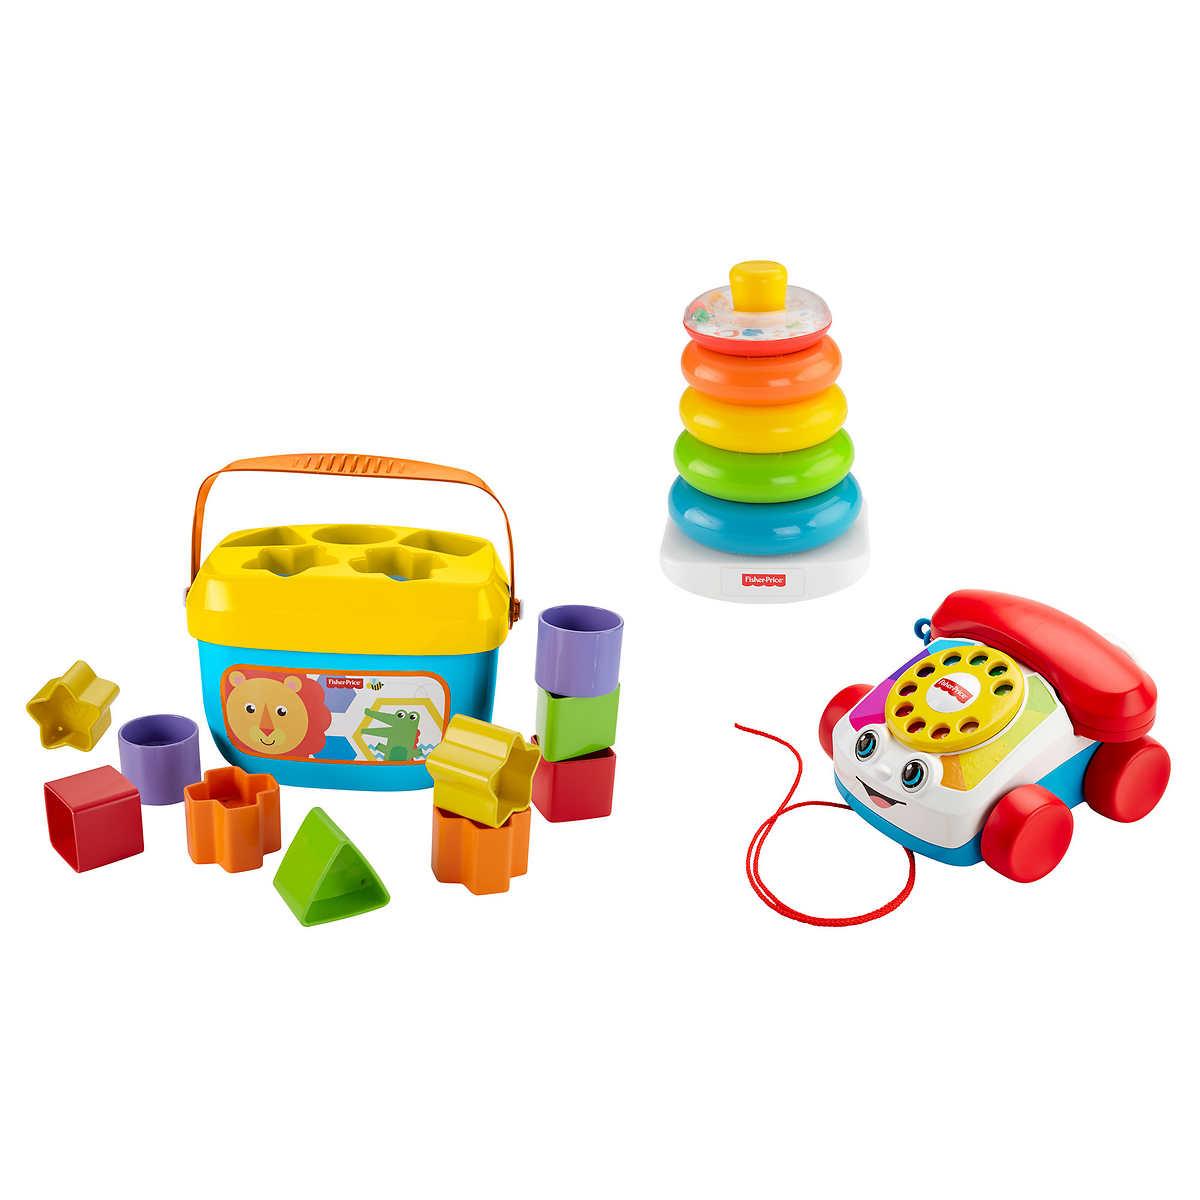 Fisher Price Playtime Classics Gift Set Baby Block 1